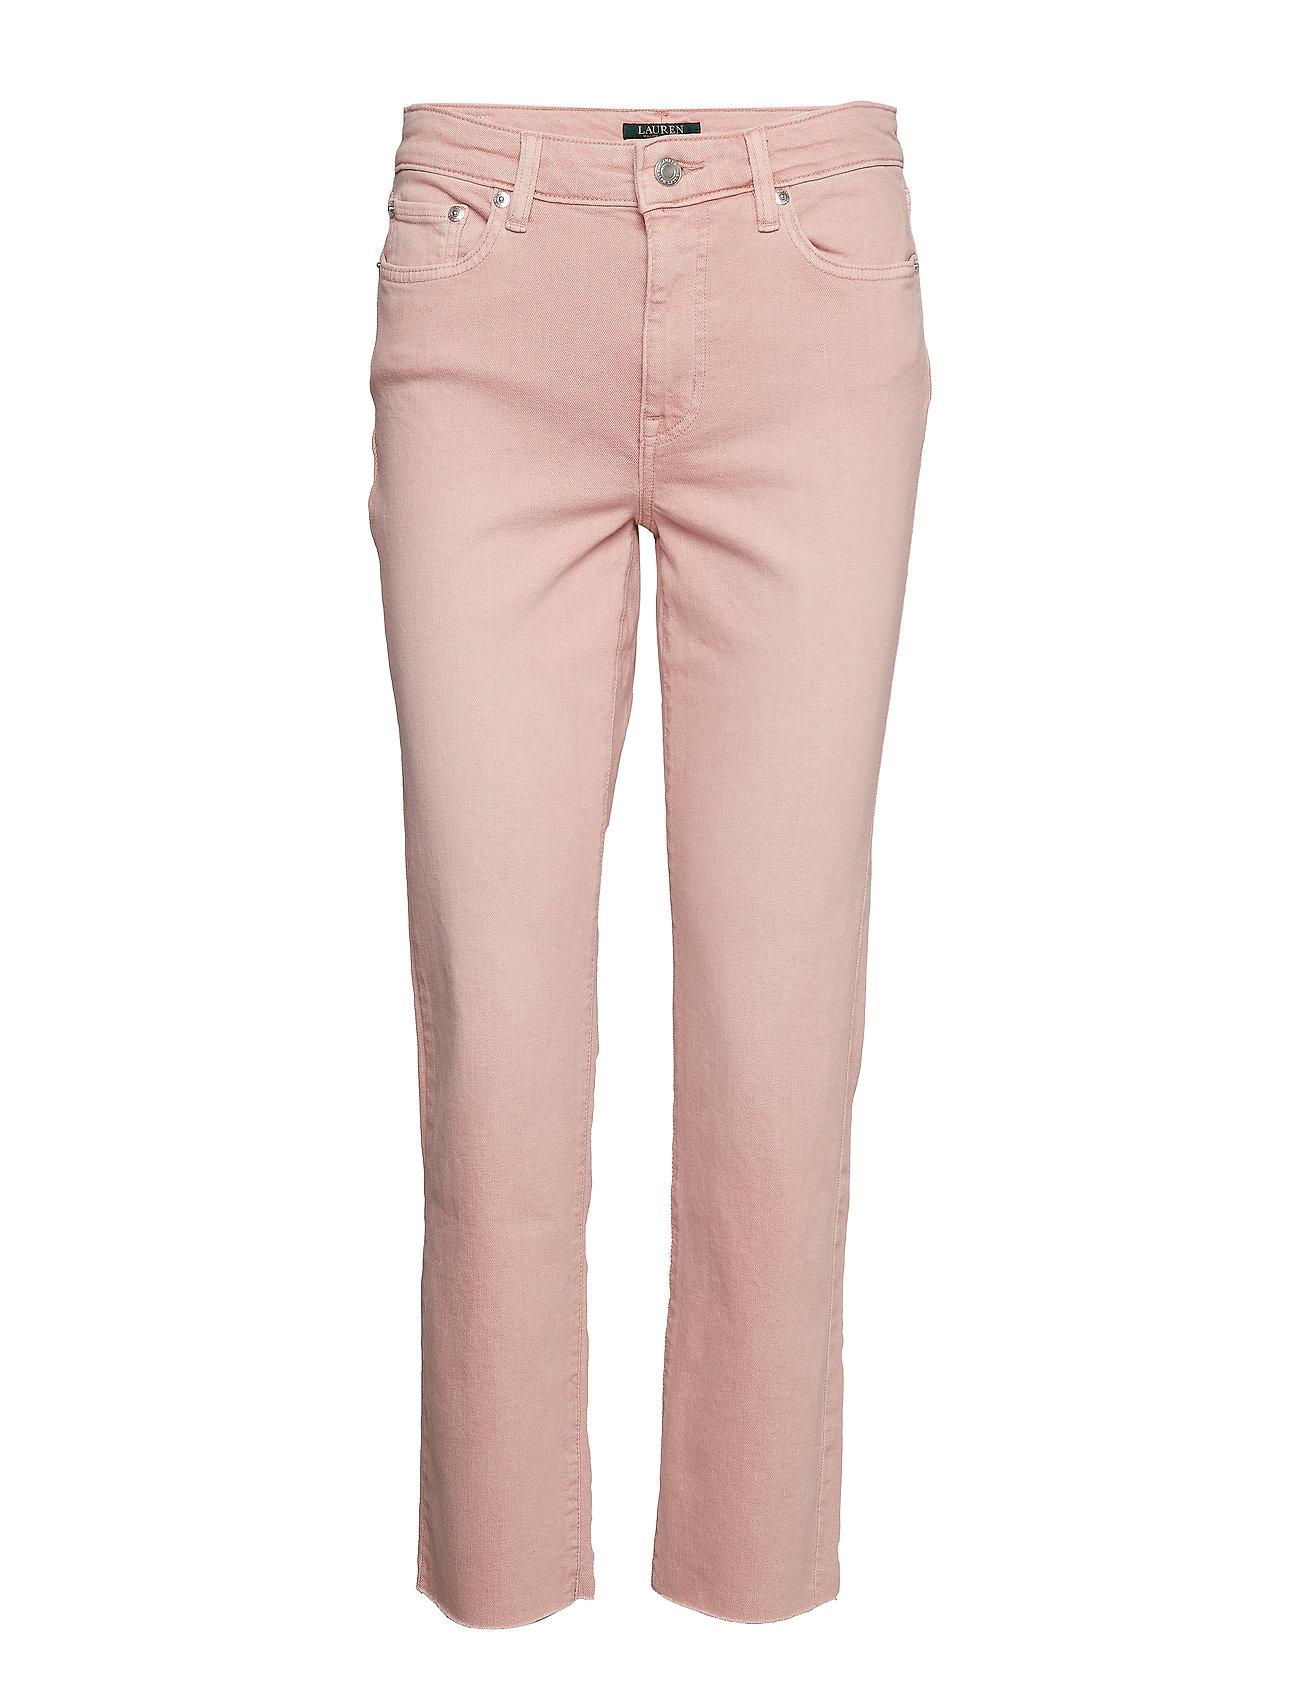 Lauren Ralph Lauren Premier Straight Ankle Jean